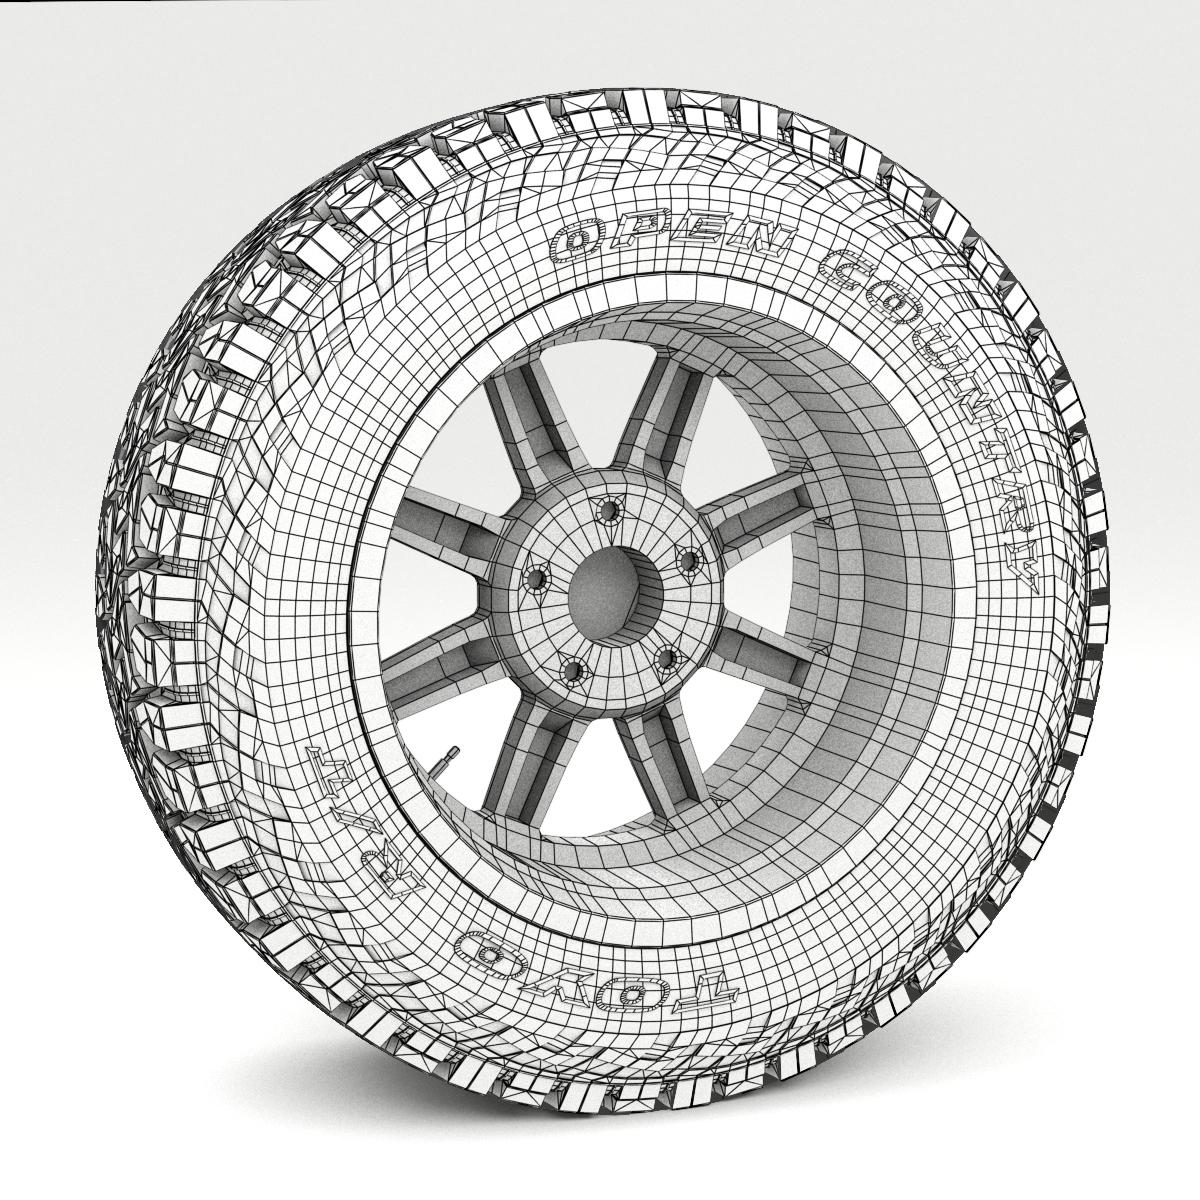 off road wheel and tire 7 3d model 3ds max fbx tga targa icb vda vst pix obj 282494